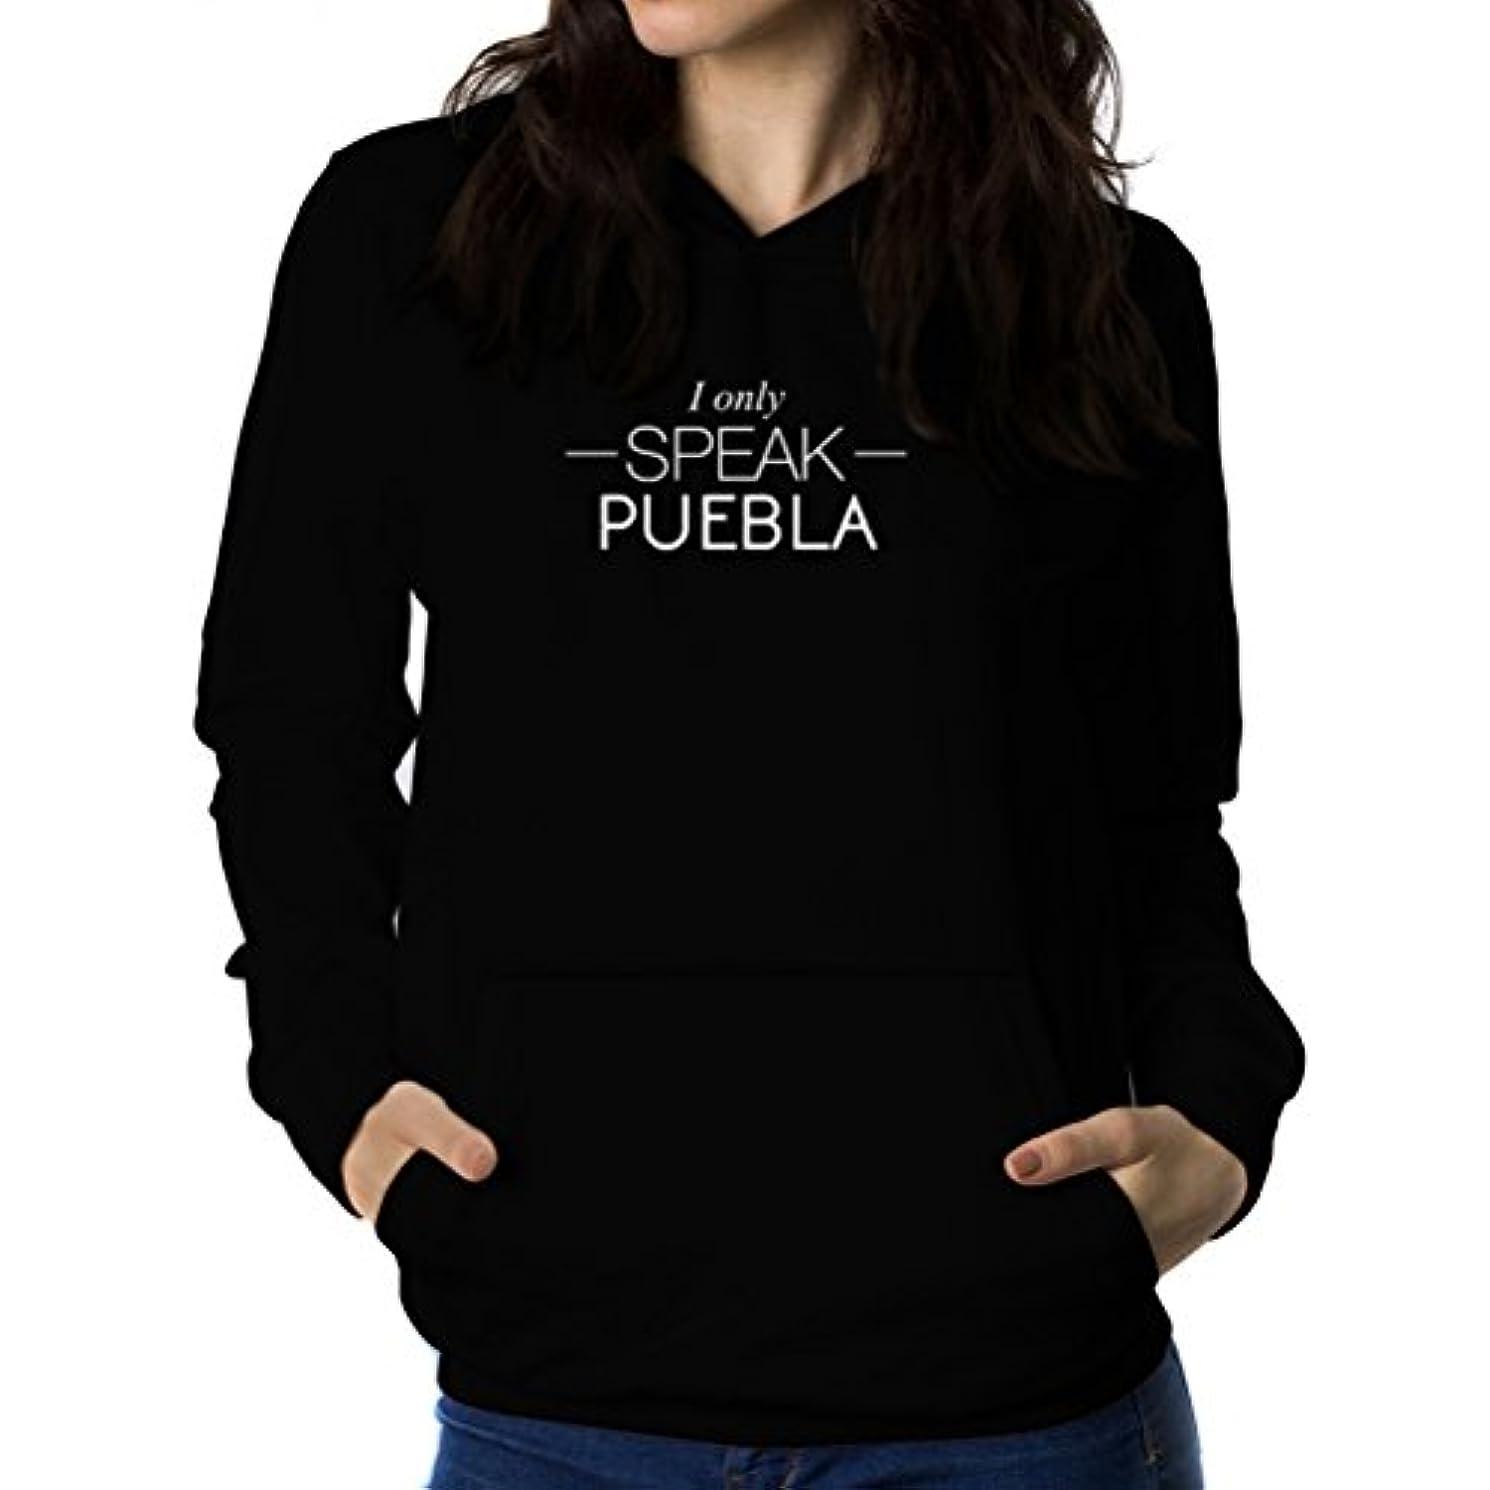 最も工業化するアーティストI only speak Puebla 女性 フーディー